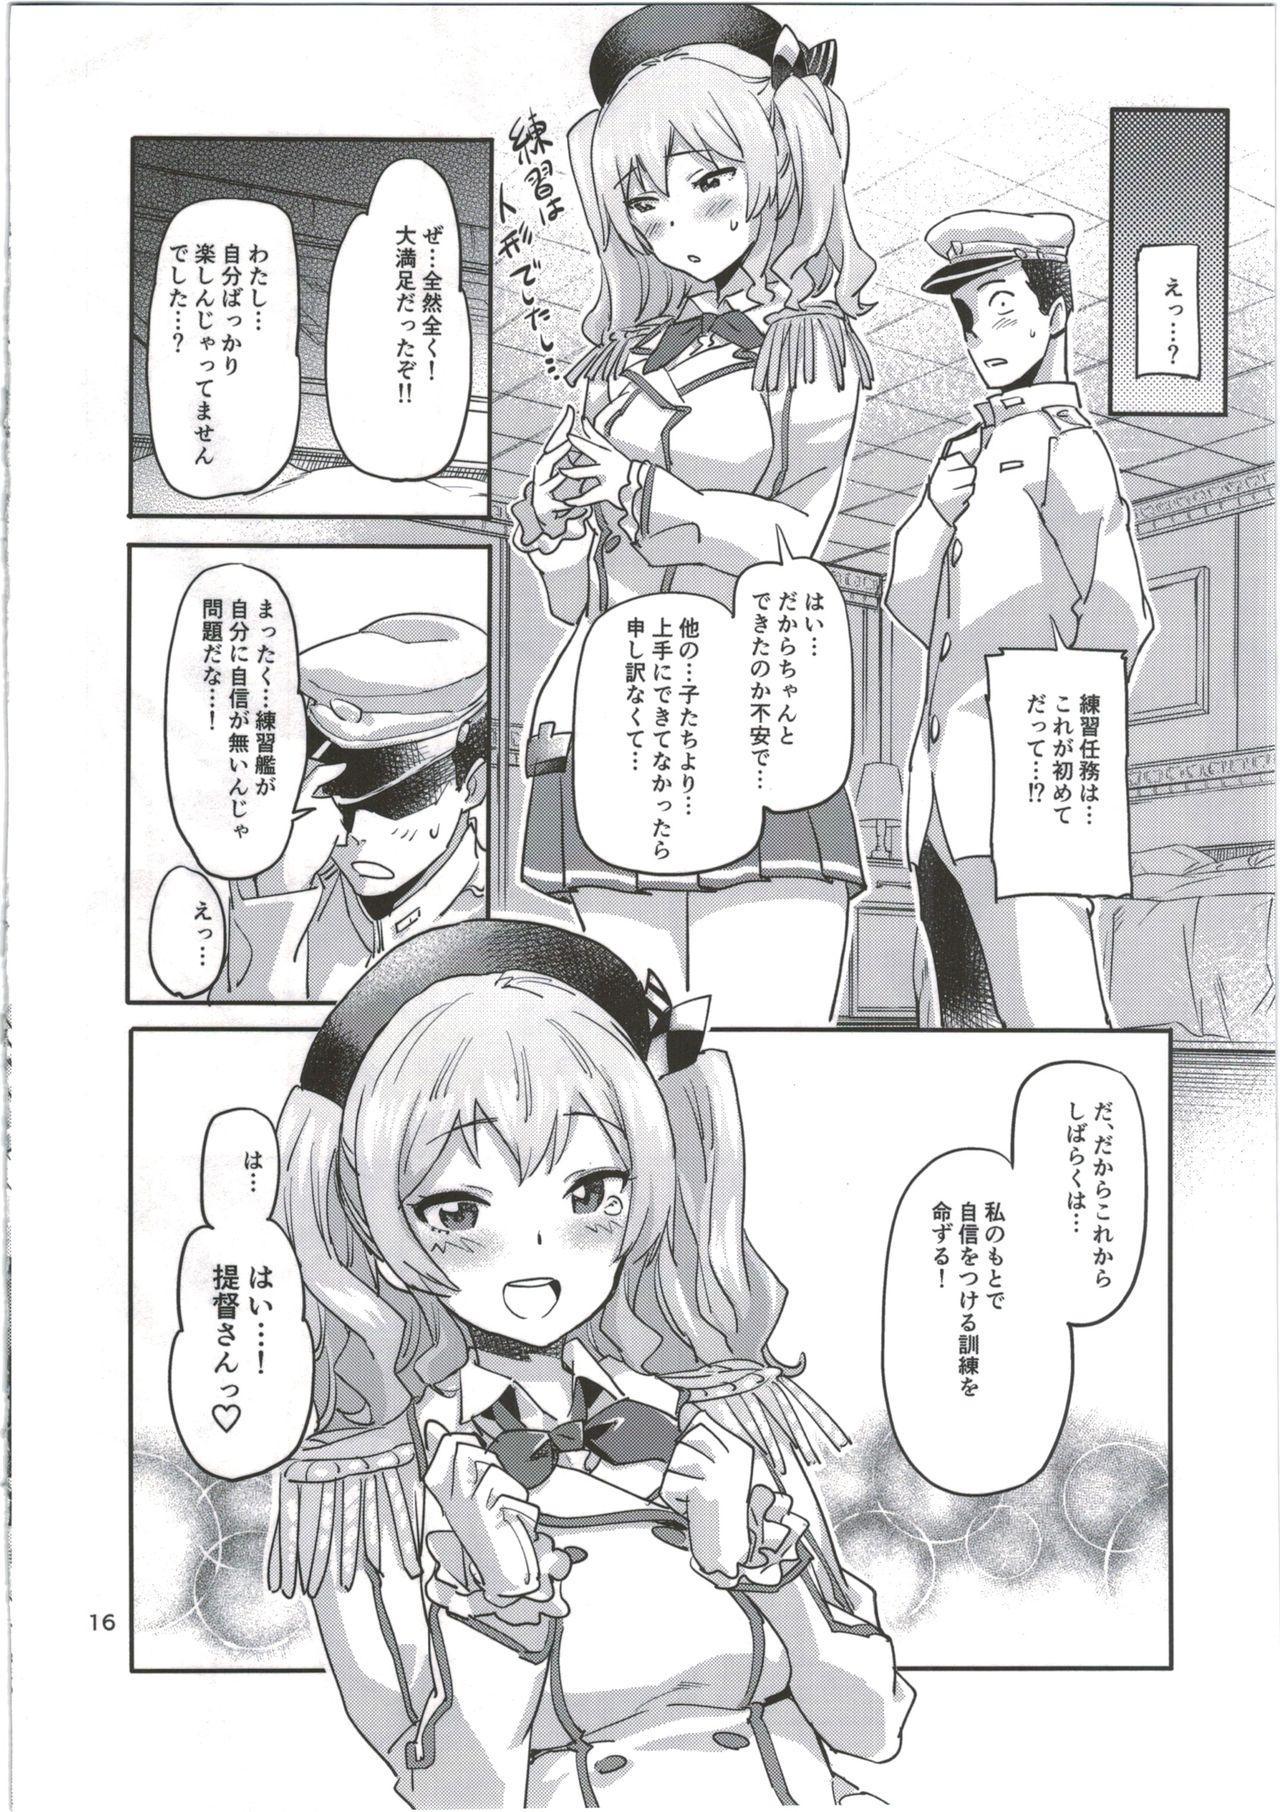 Kashima to Yoru no Renshuukan 17